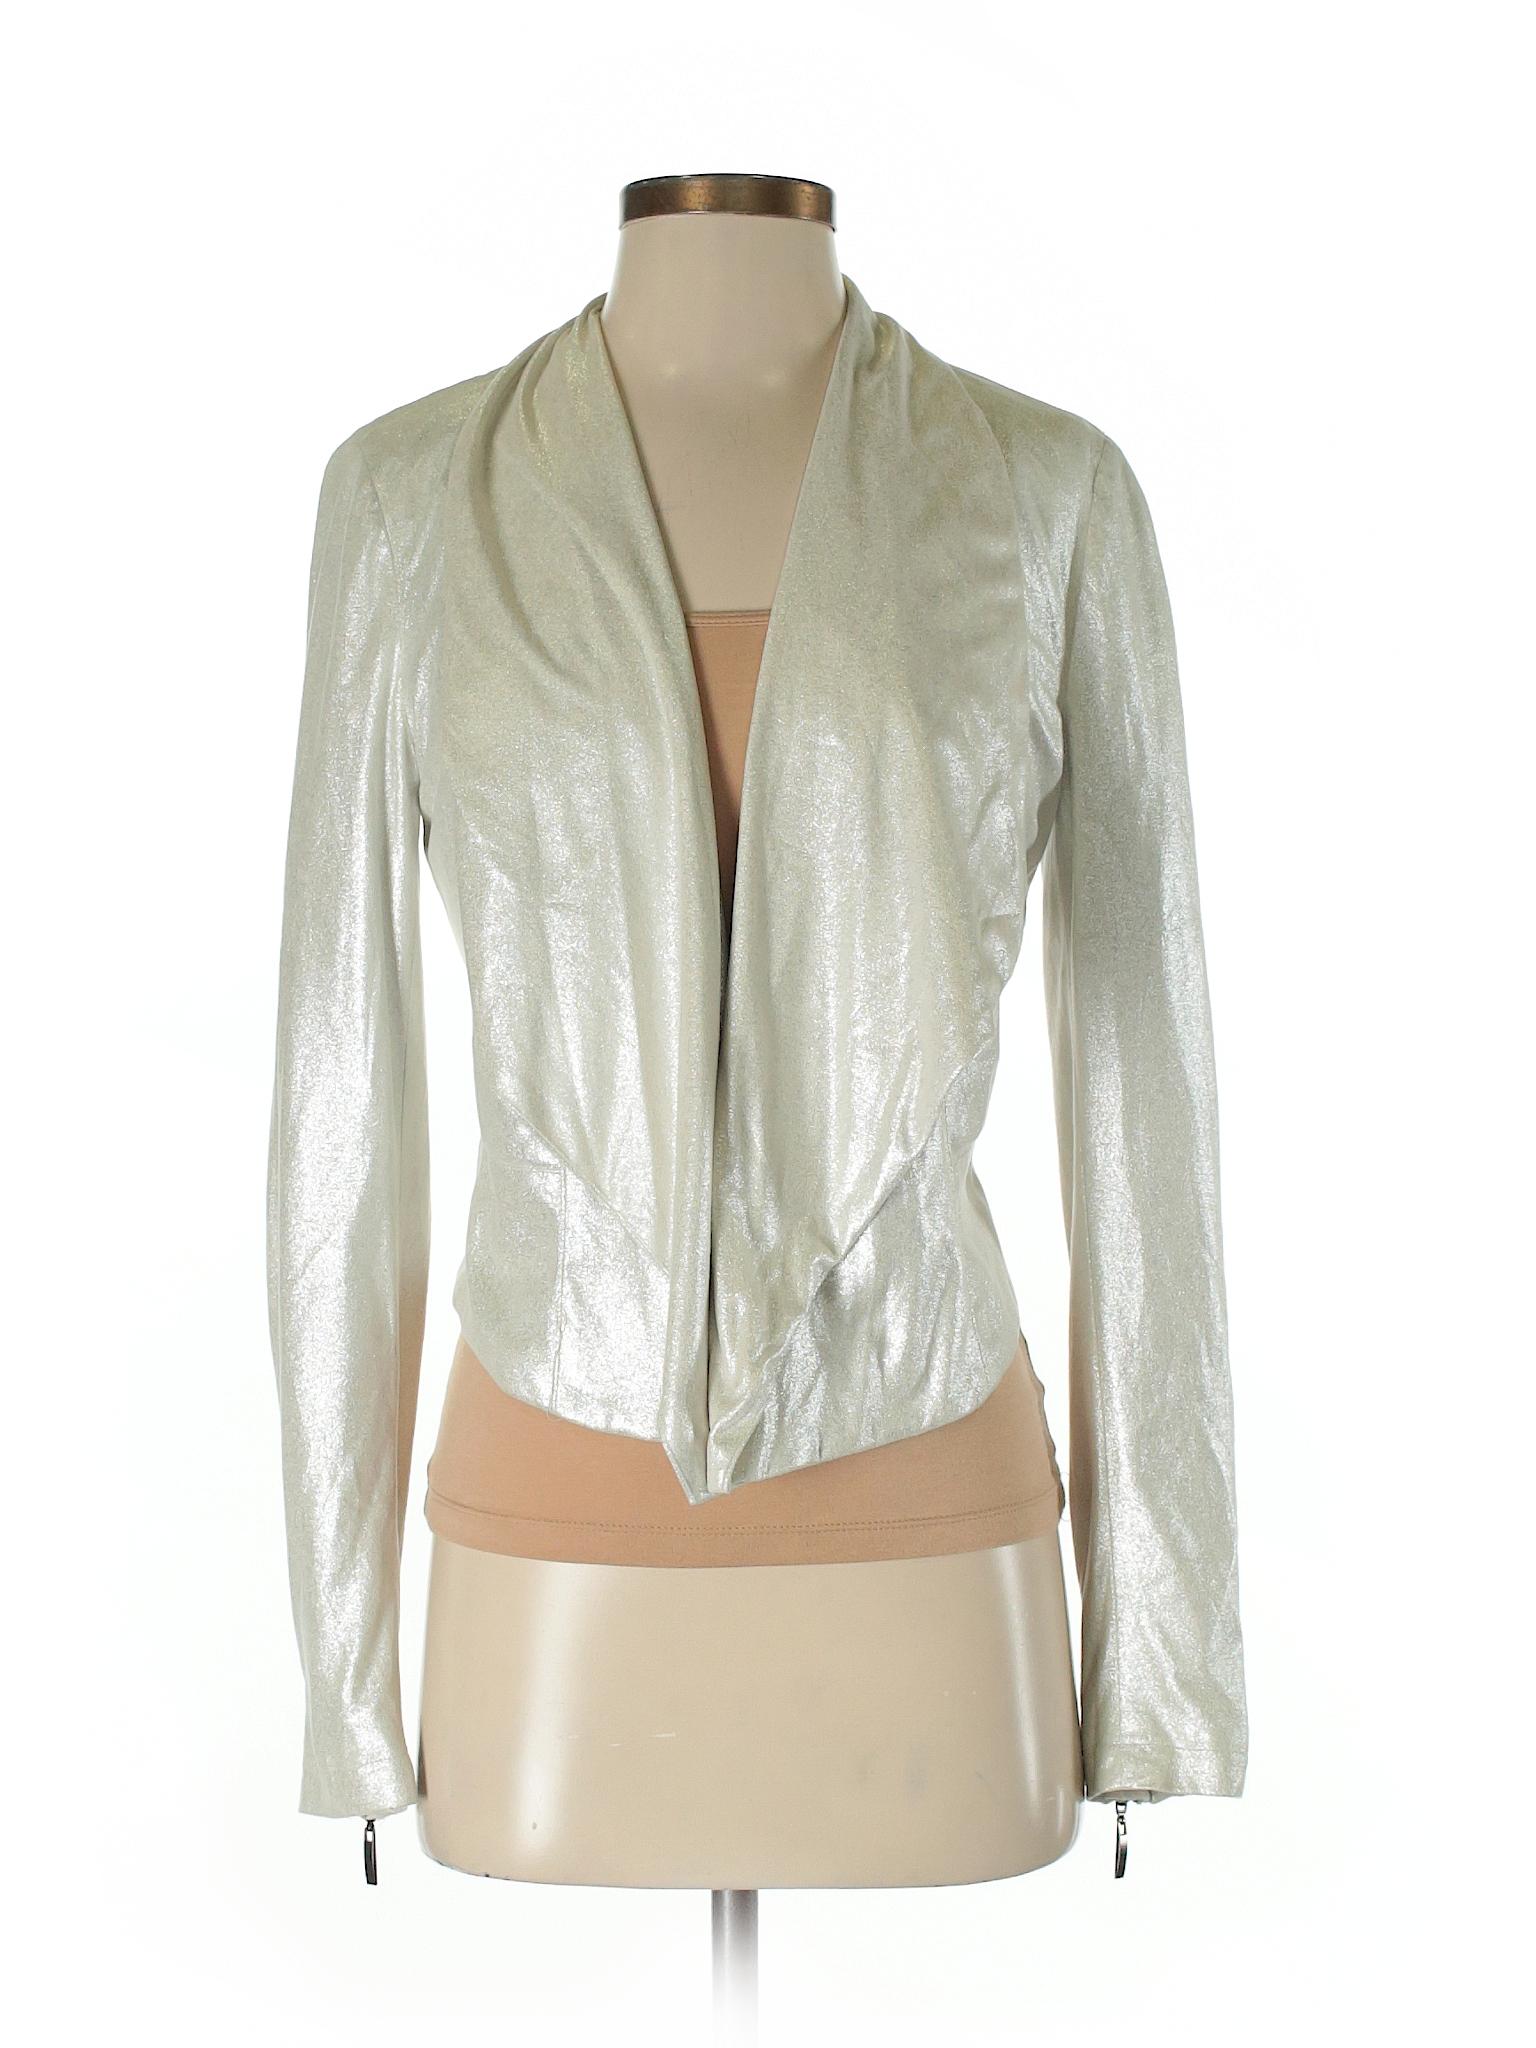 INC Jacket Concepts Boutique International winter fWTqpX